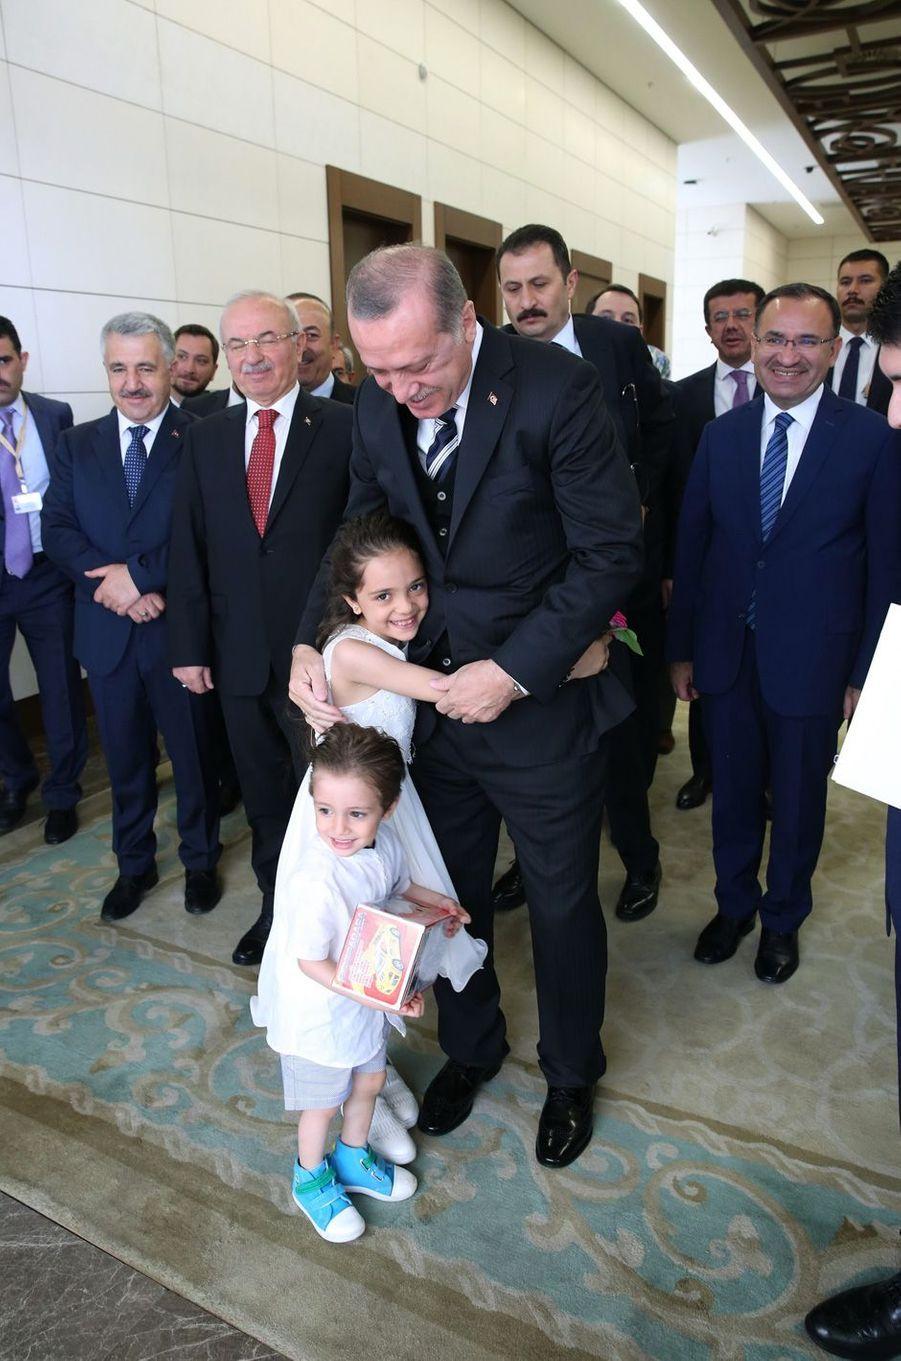 La petite Bana et sa famille ont obtenu la nationalité turque des mains du président Recep Tayyip Erdogan, le 12 mai 2017.